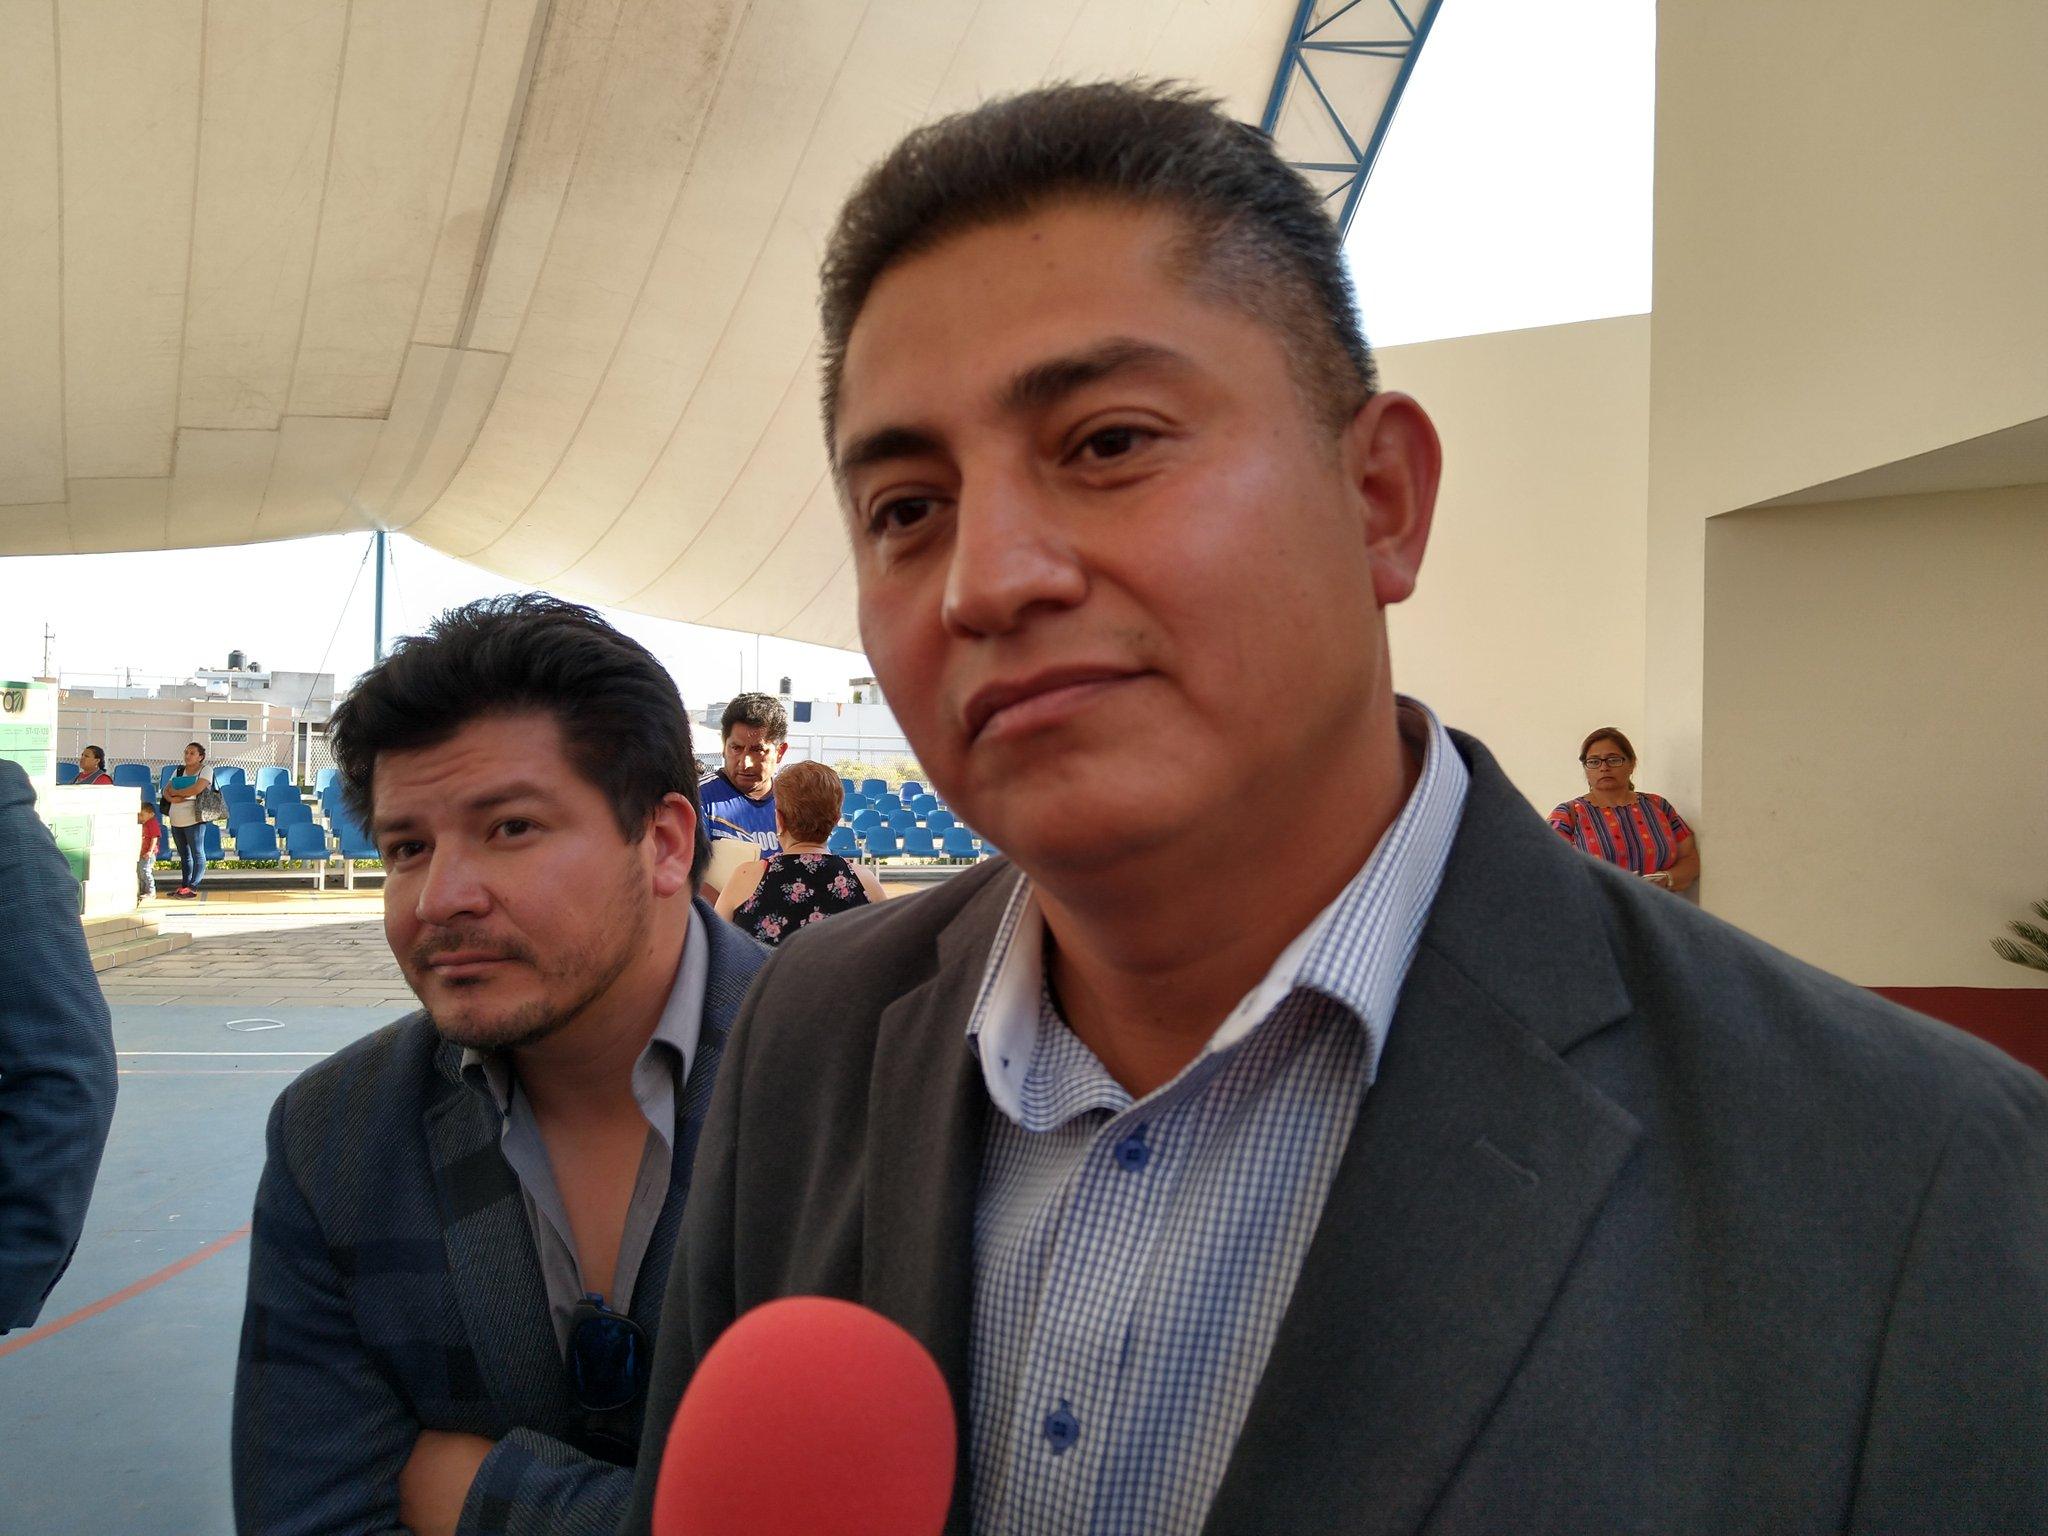 Inicia reapertura parcial de cafeterías en San Andrés Cholula, admite funcionario